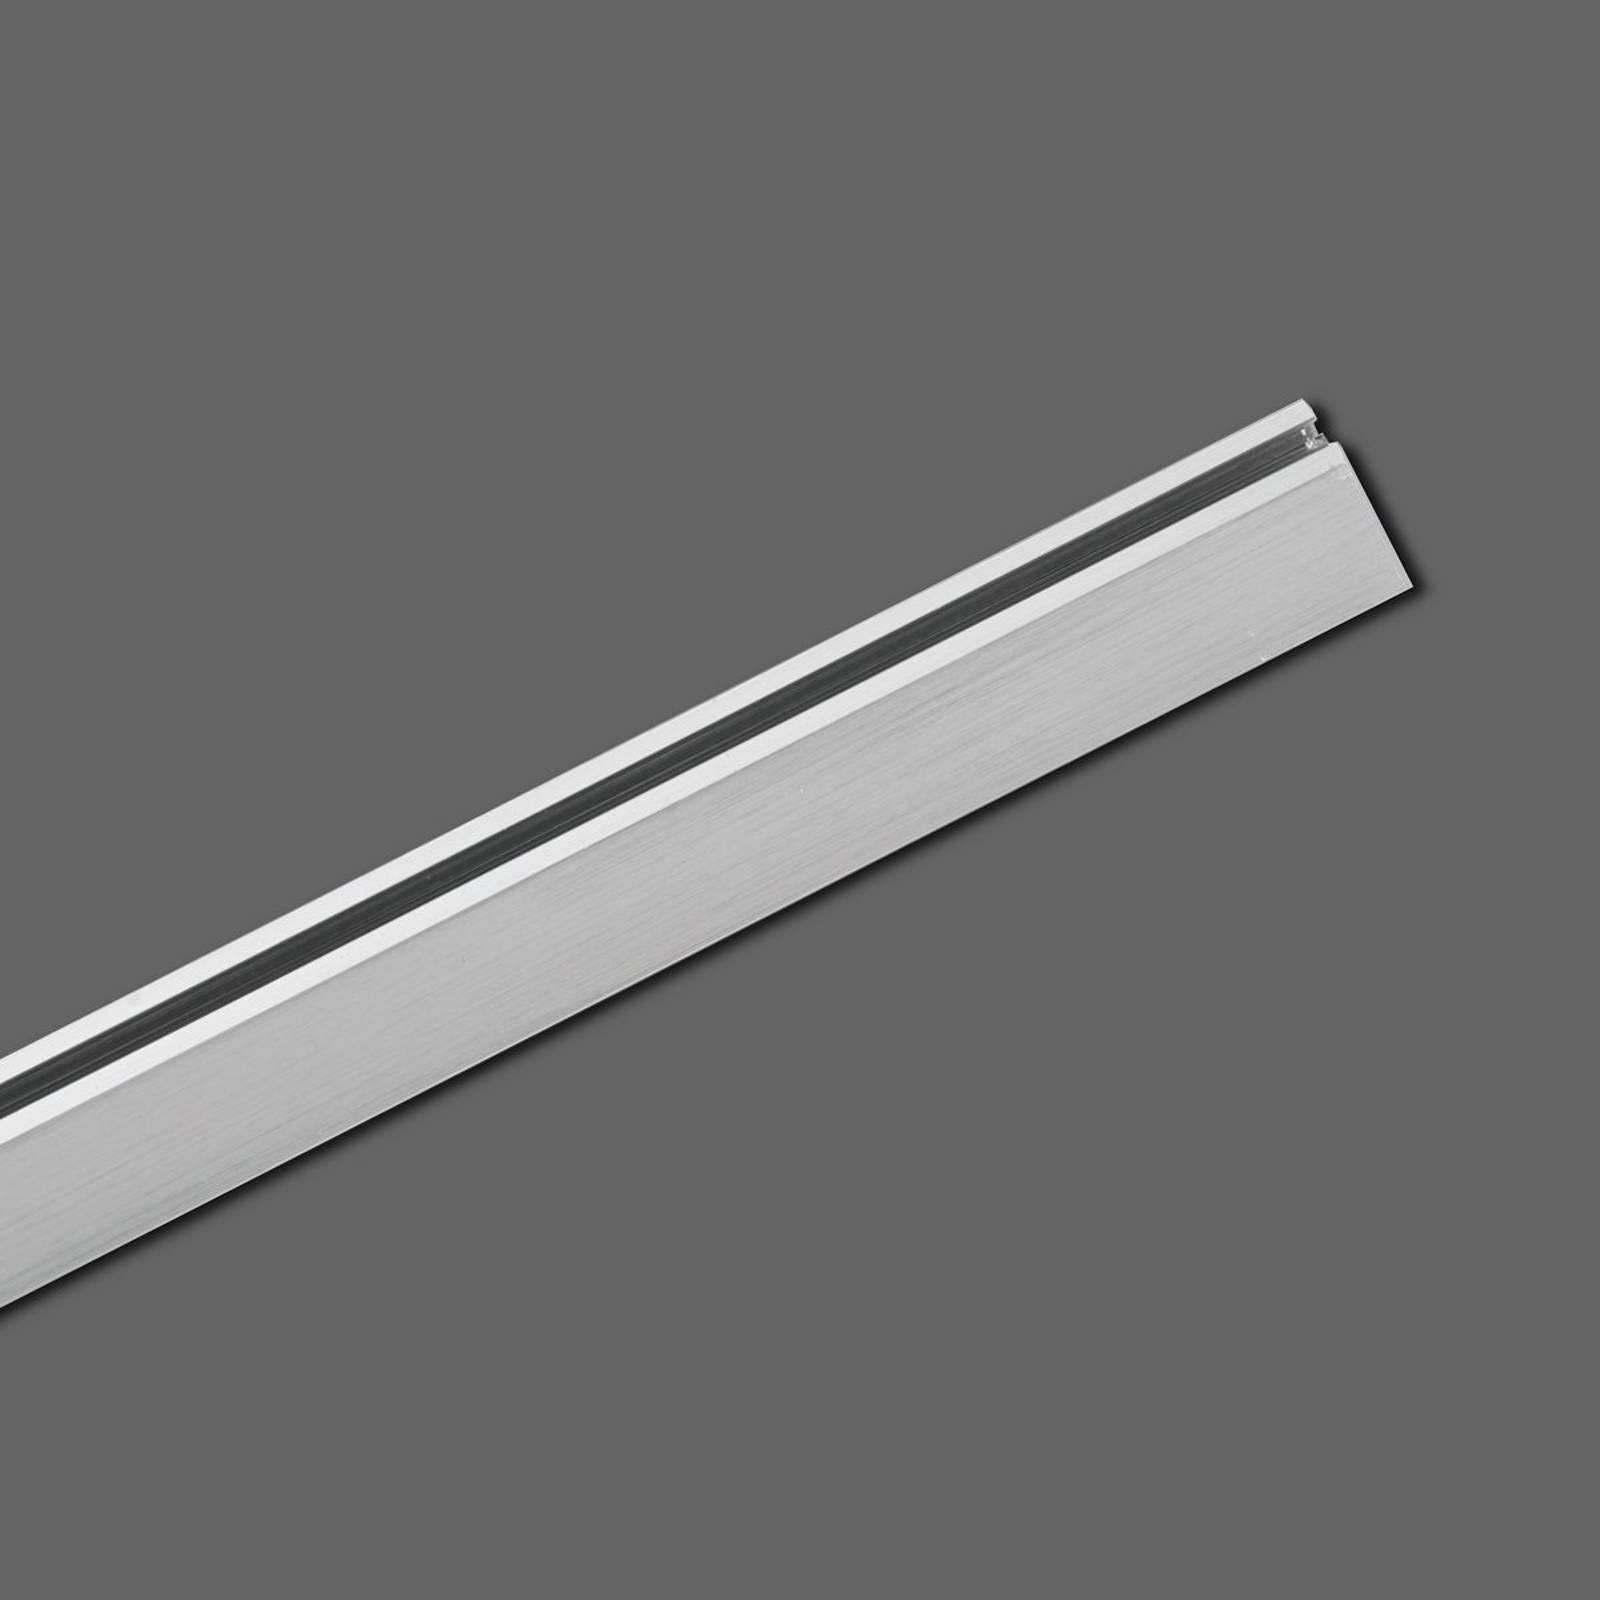 2-vaihe-HV-track4 m6 kisko, 60 cm